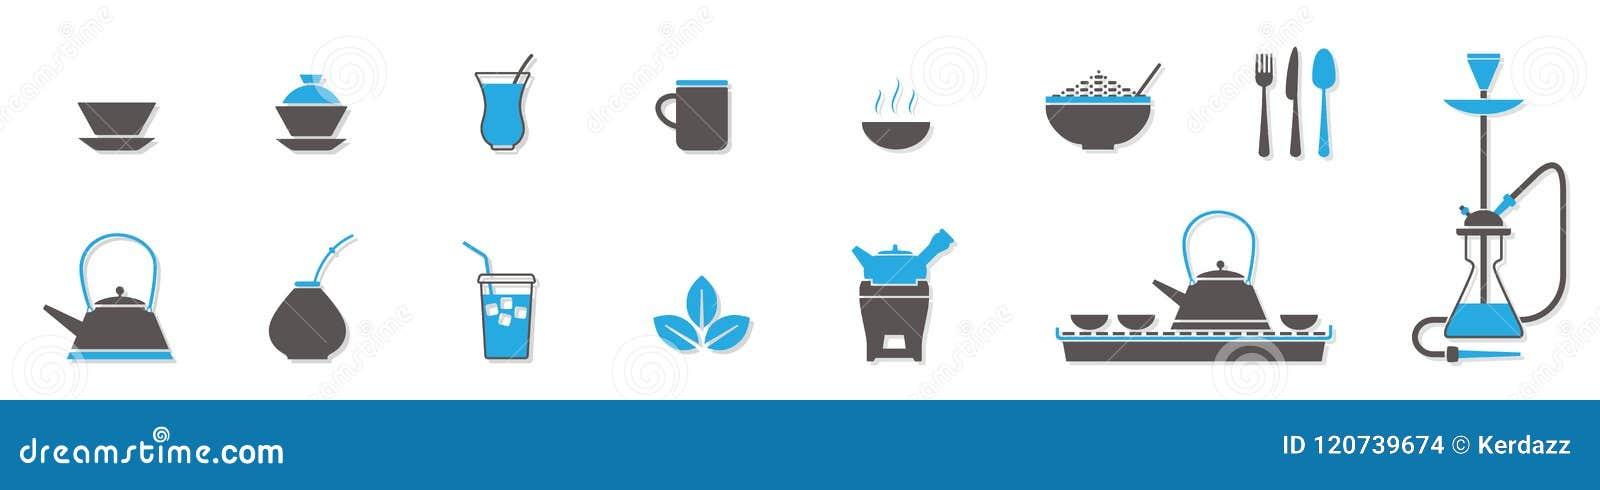 Symboler för tekoppar och kokkärl